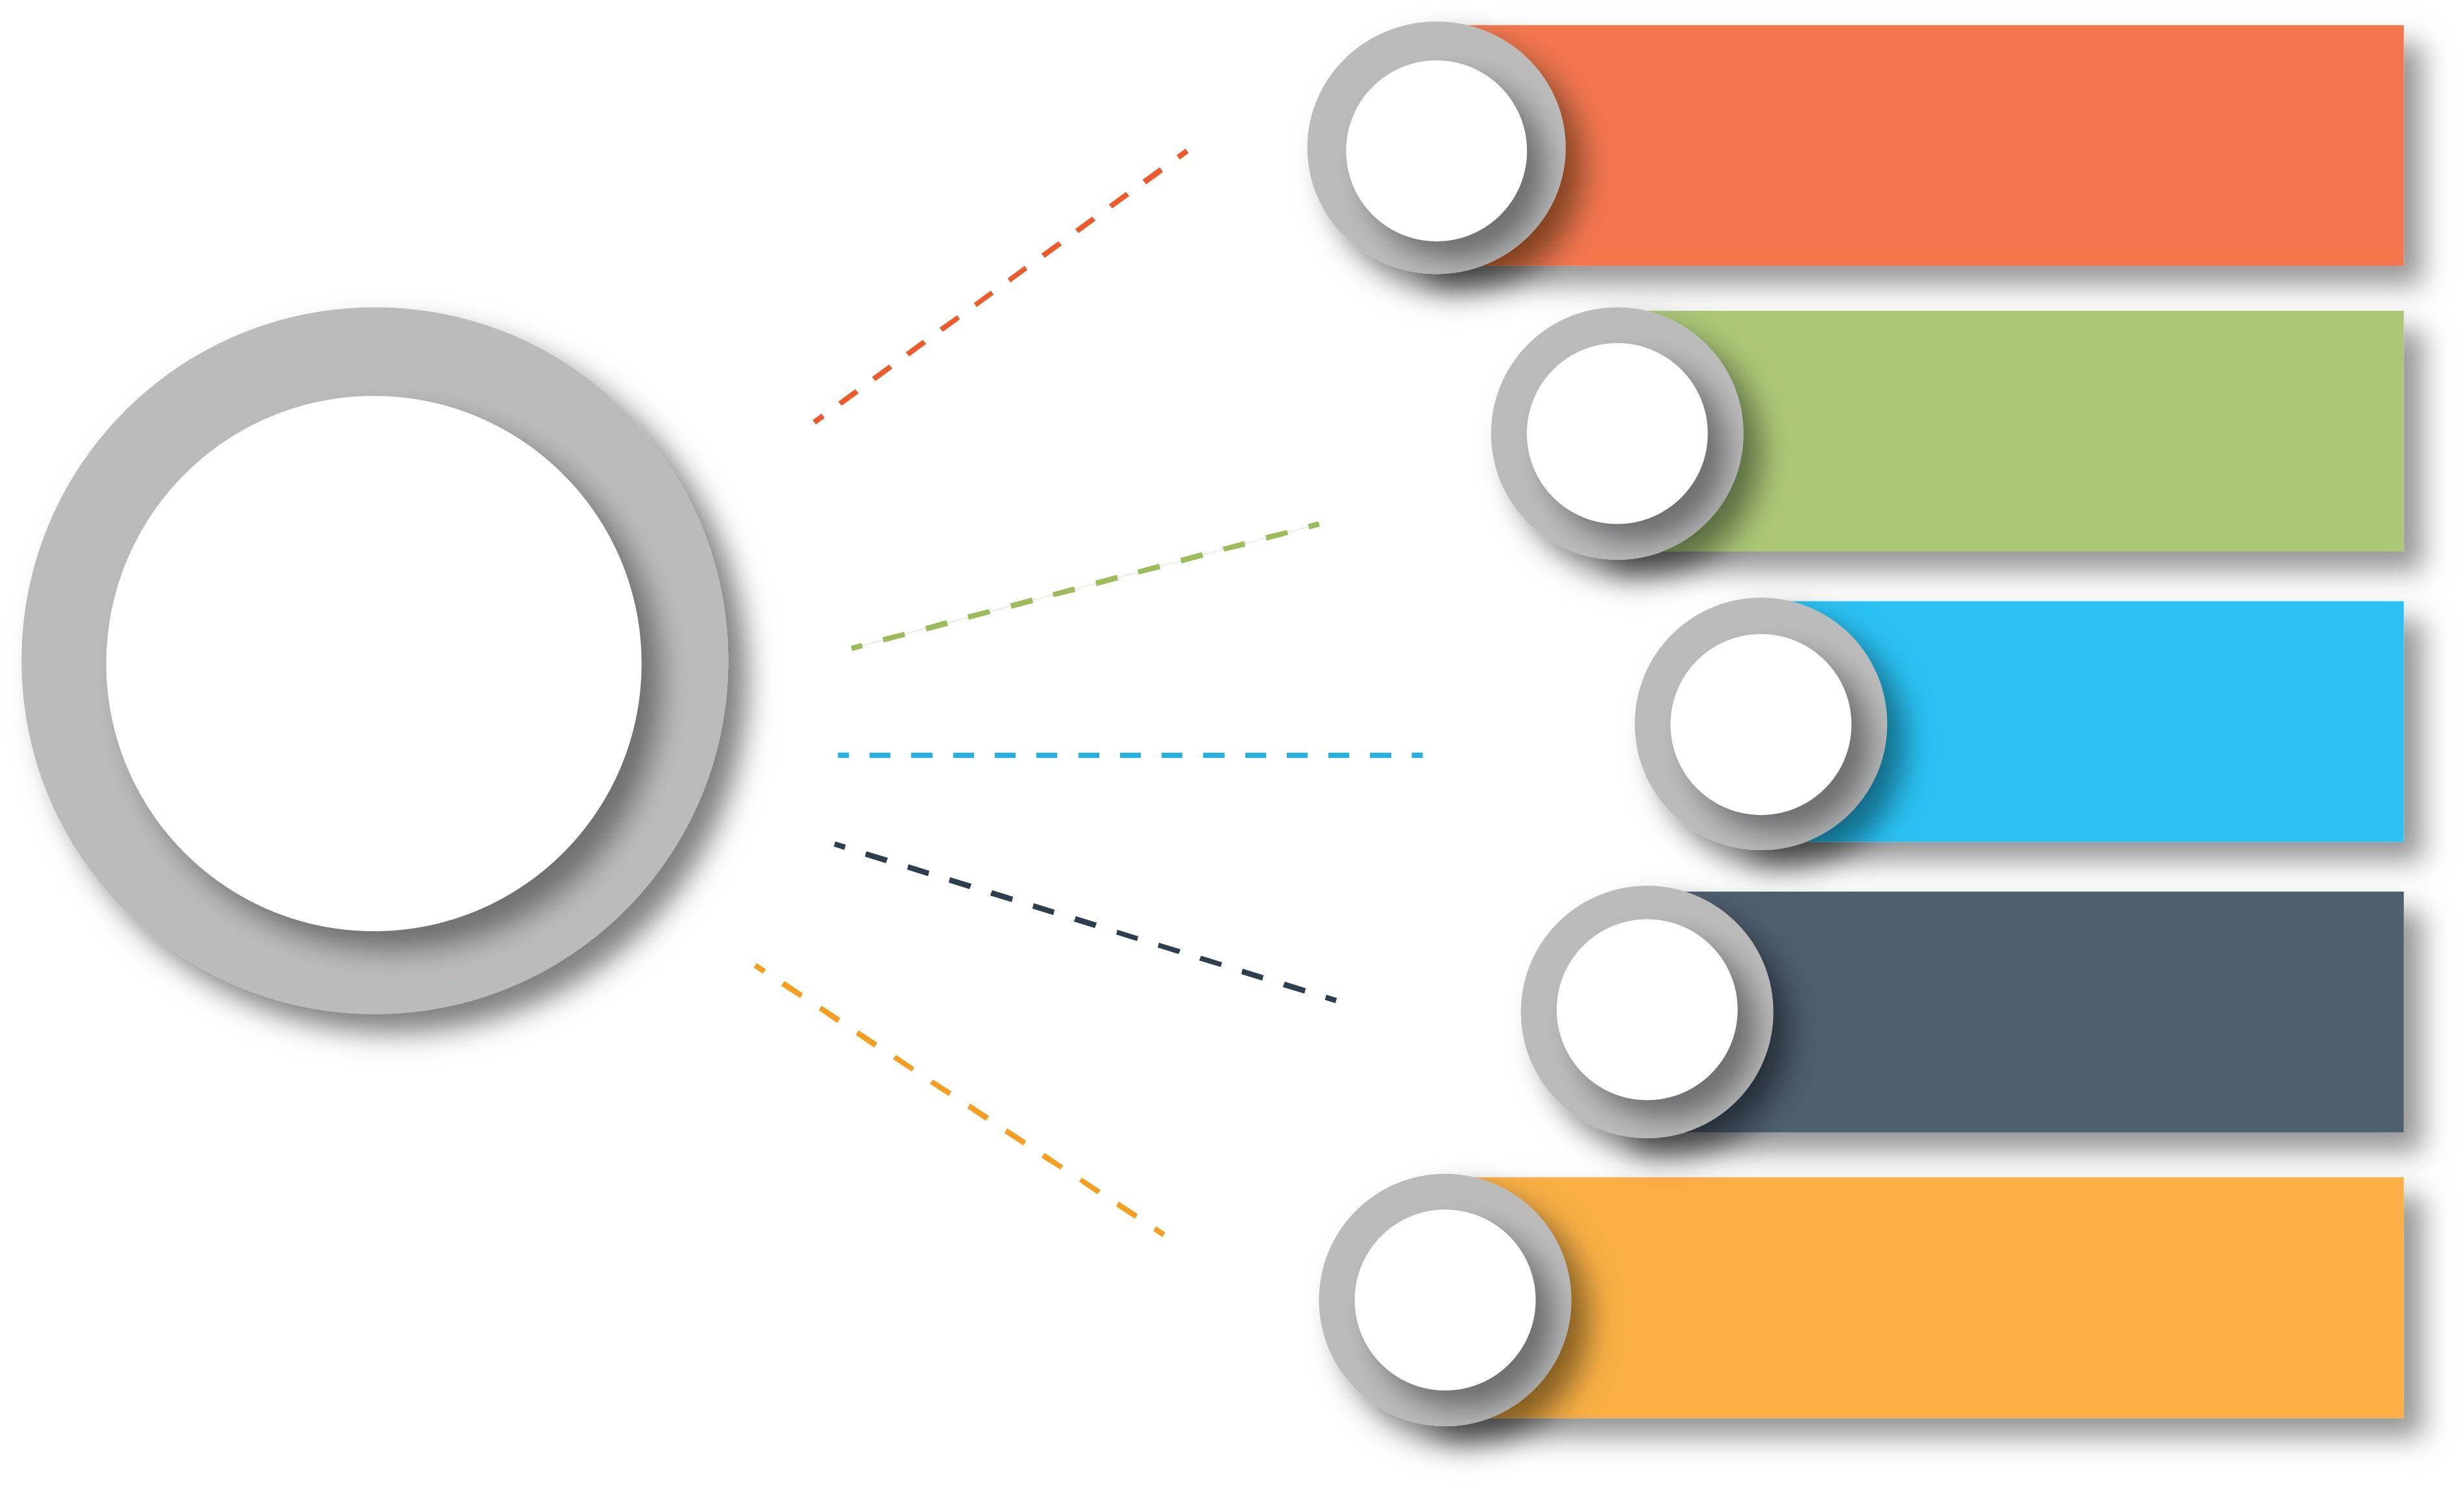 Download Free Prezi Templates Free Prezi Templates Powerpoint Background Design Infographic Design Layout Powerpoint Design Templates